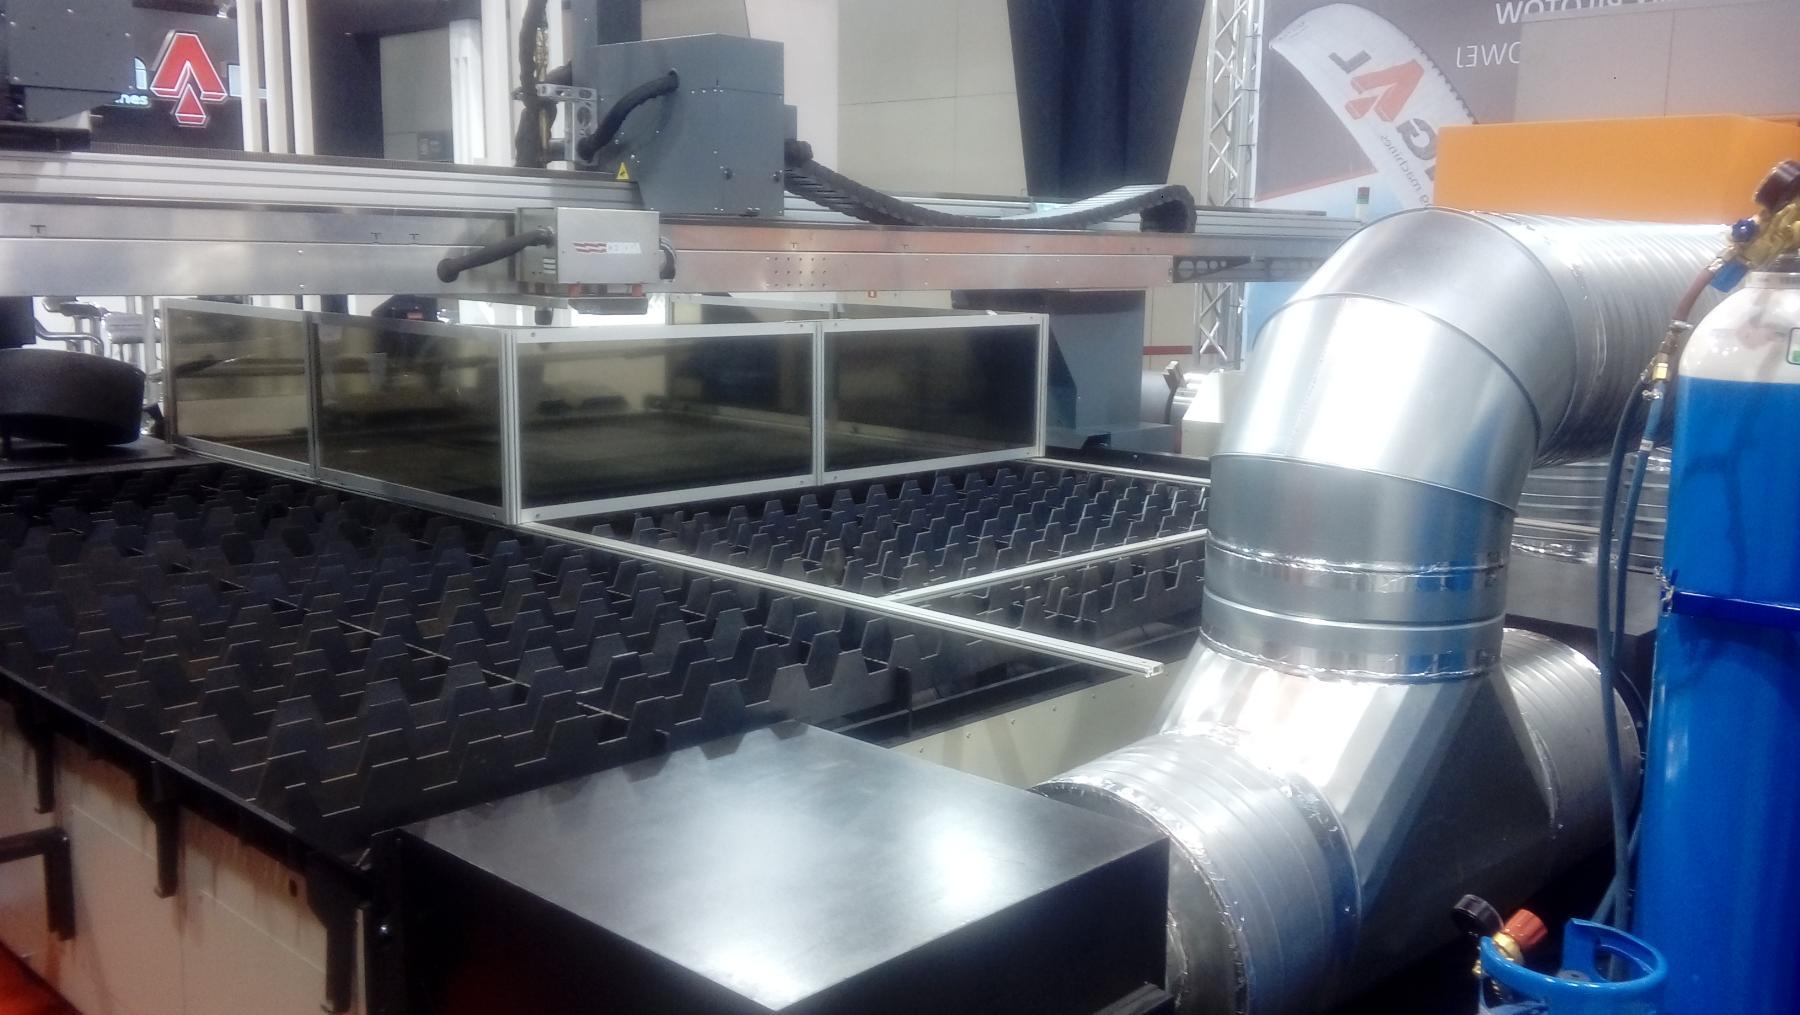 Podłączenie odpylacza do stołu odciagowego